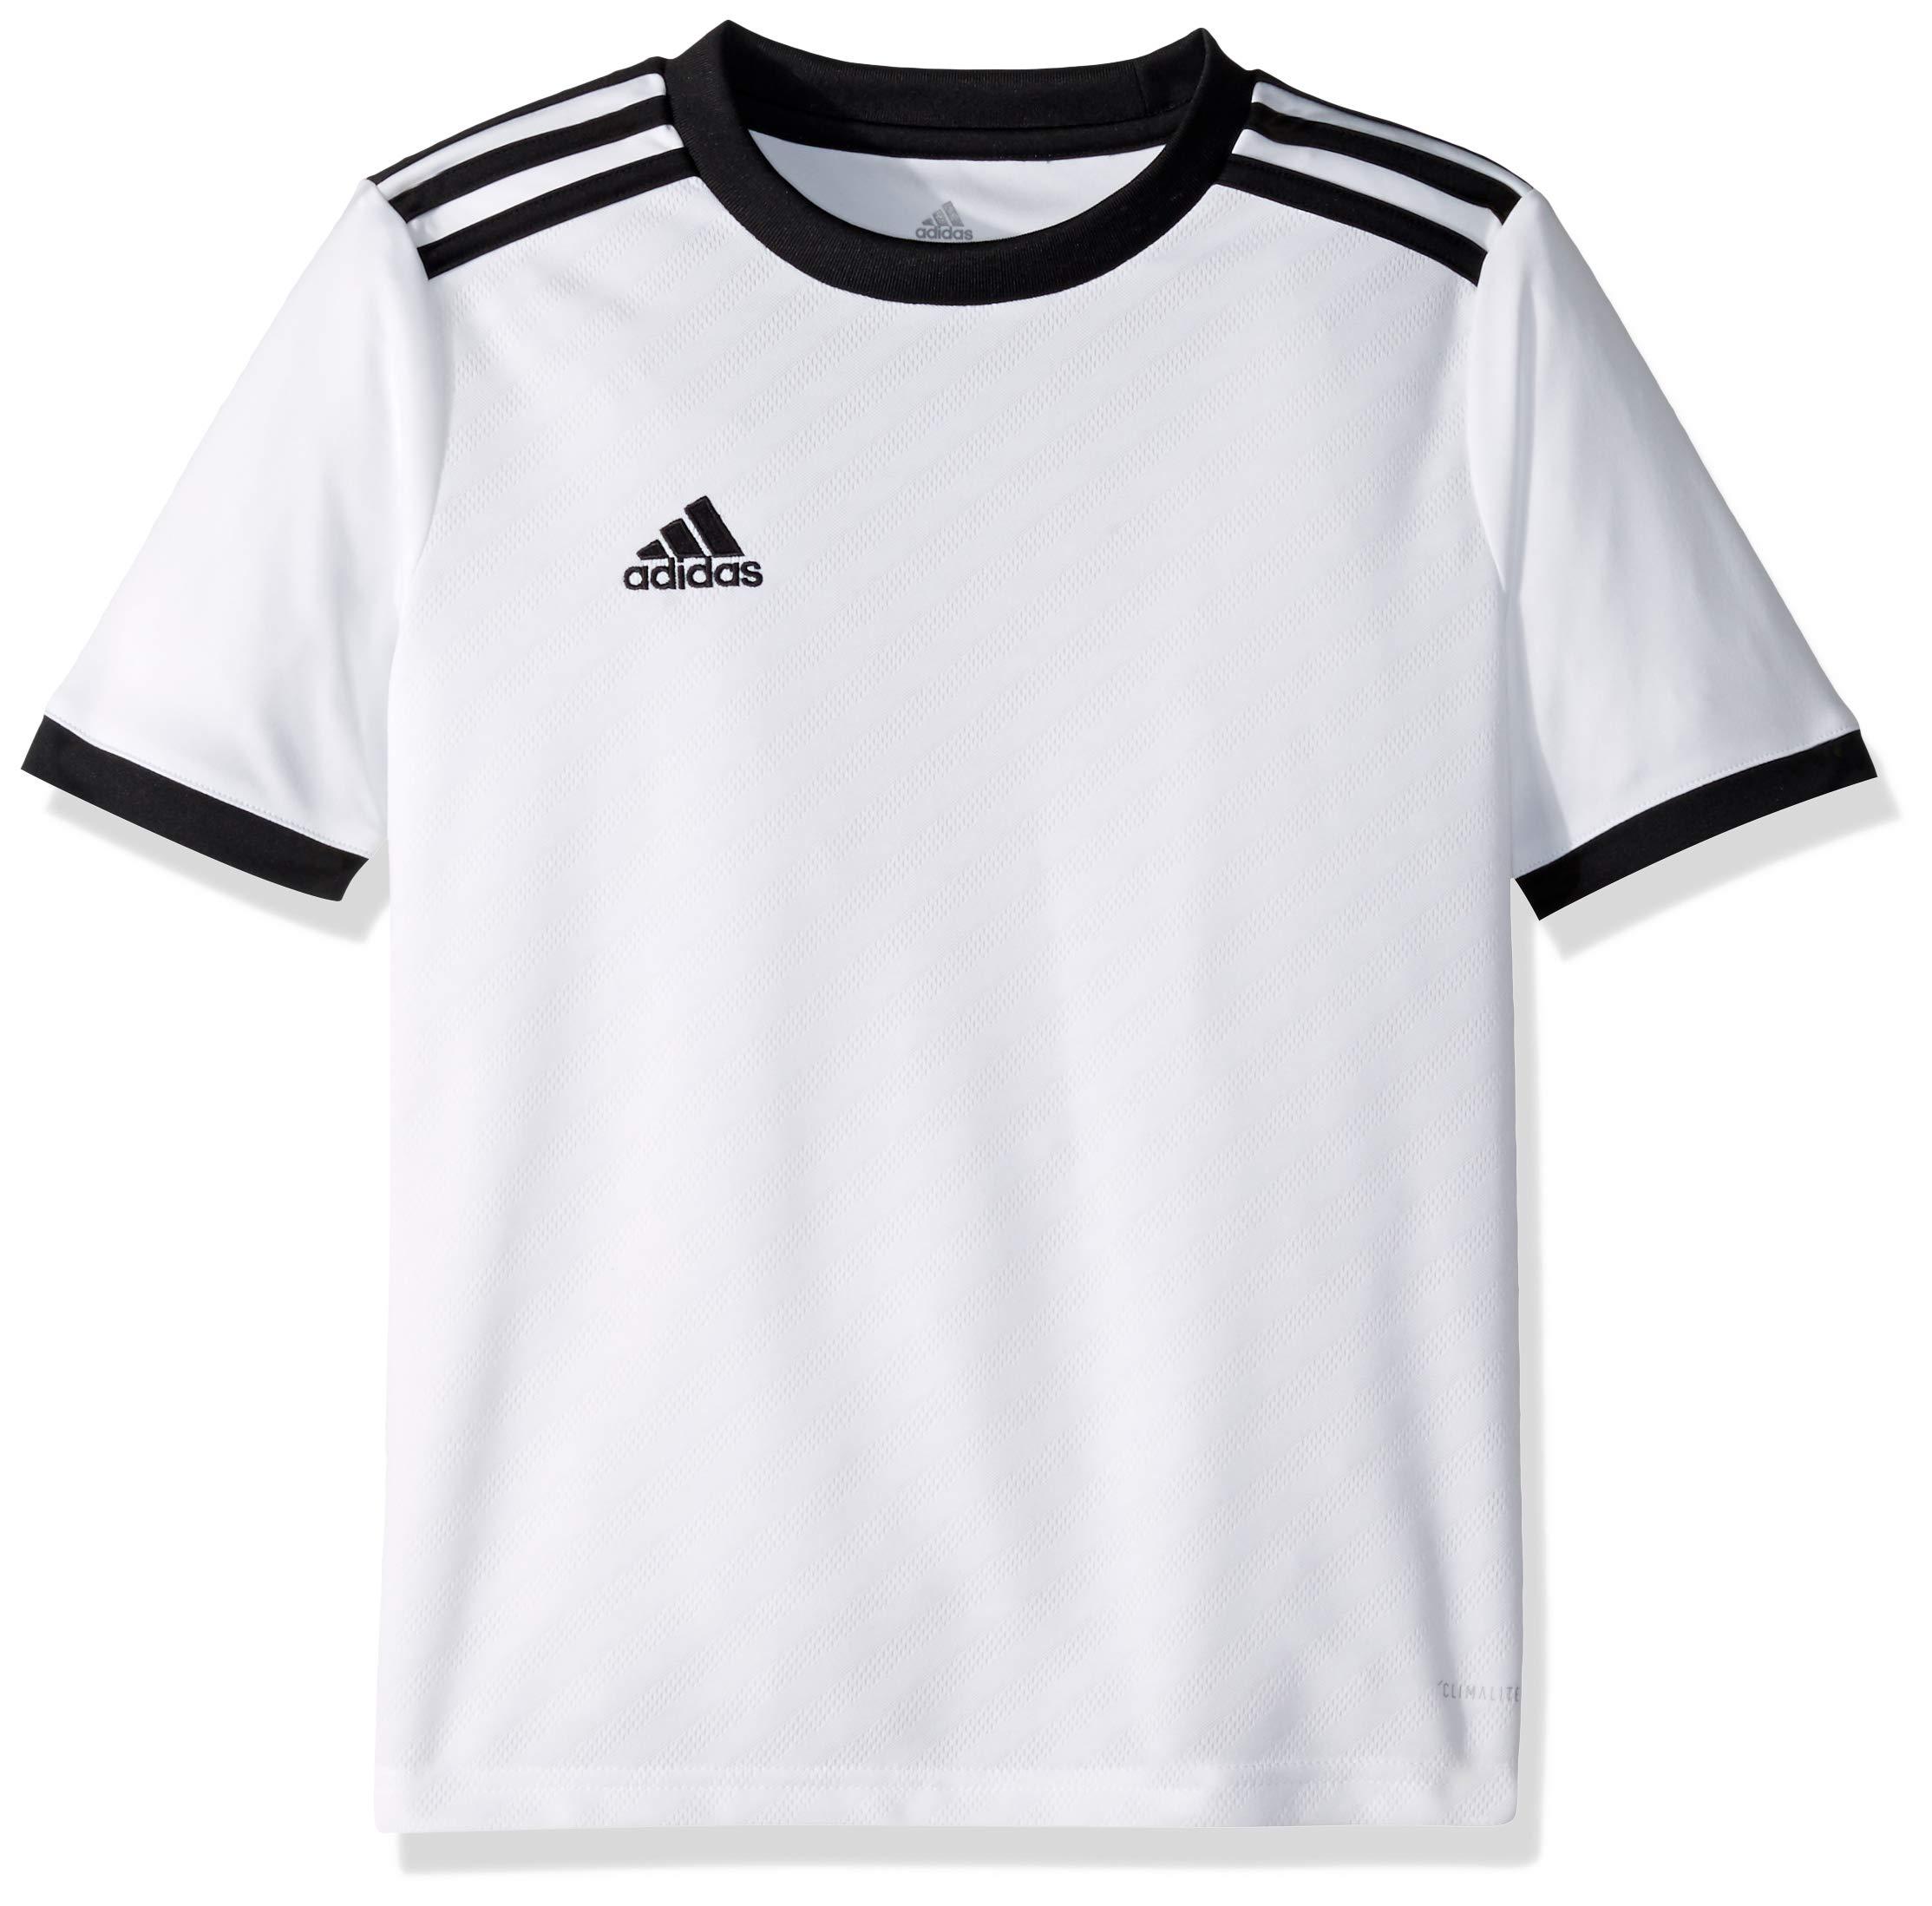 アディダスアディダスアルファスキンティロユーススウェットシャツ